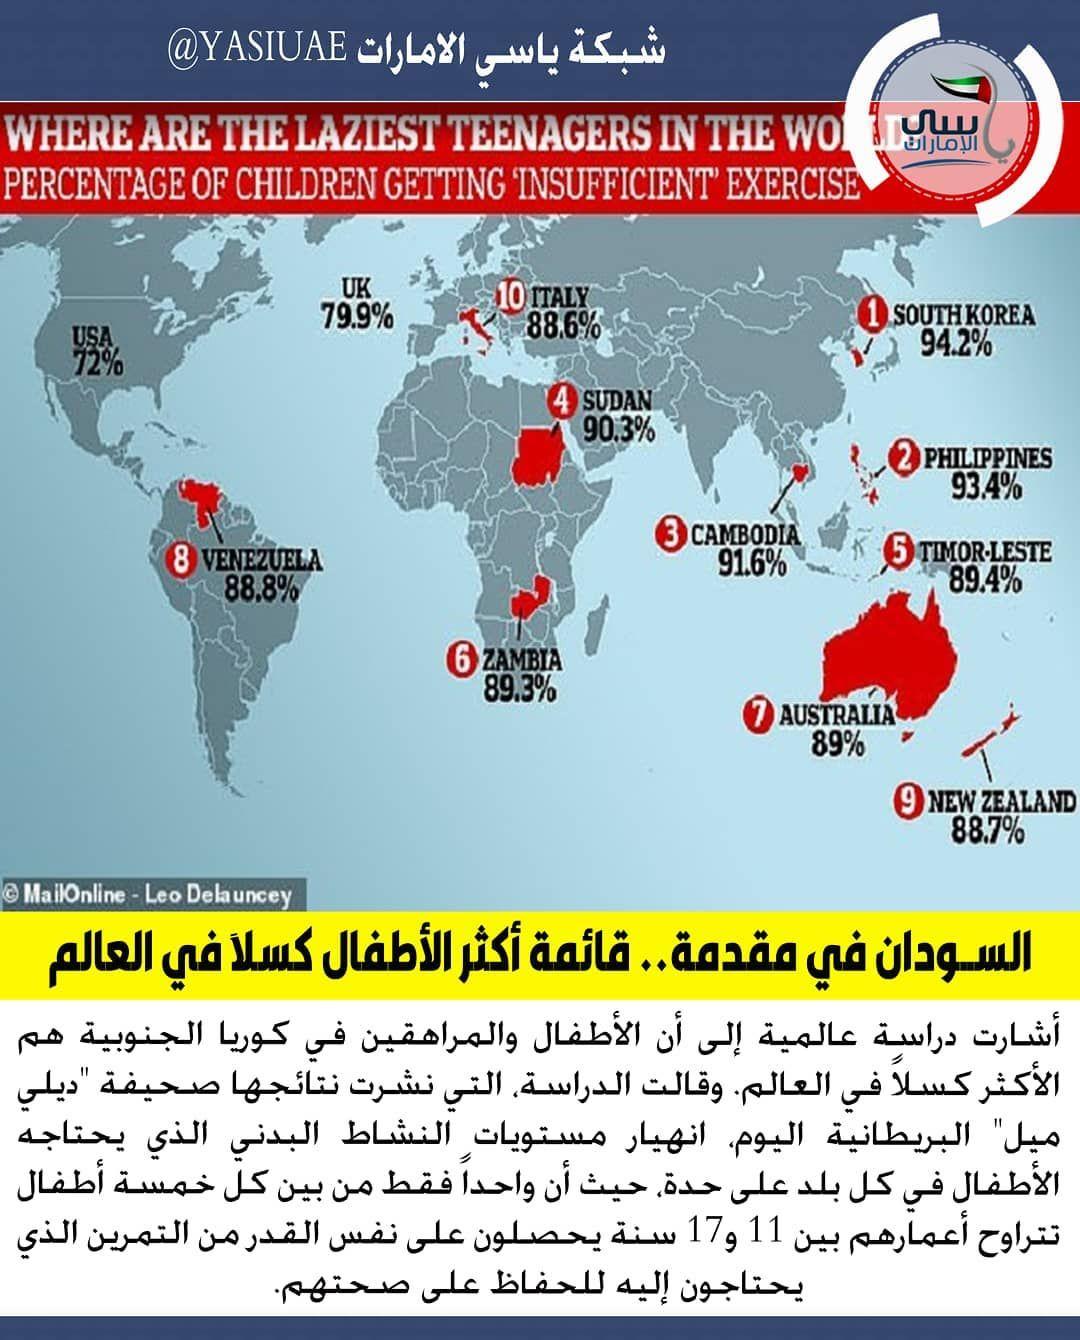 السودان ووفقا للدراسة فإن أعلى نسب للأطفال الذين يمارسون نشاطات بدنية أقل كوريا الجنوبية 94 2 من الأطفال ينشطون لمدة تقل ع Philippines Australia Venezuela